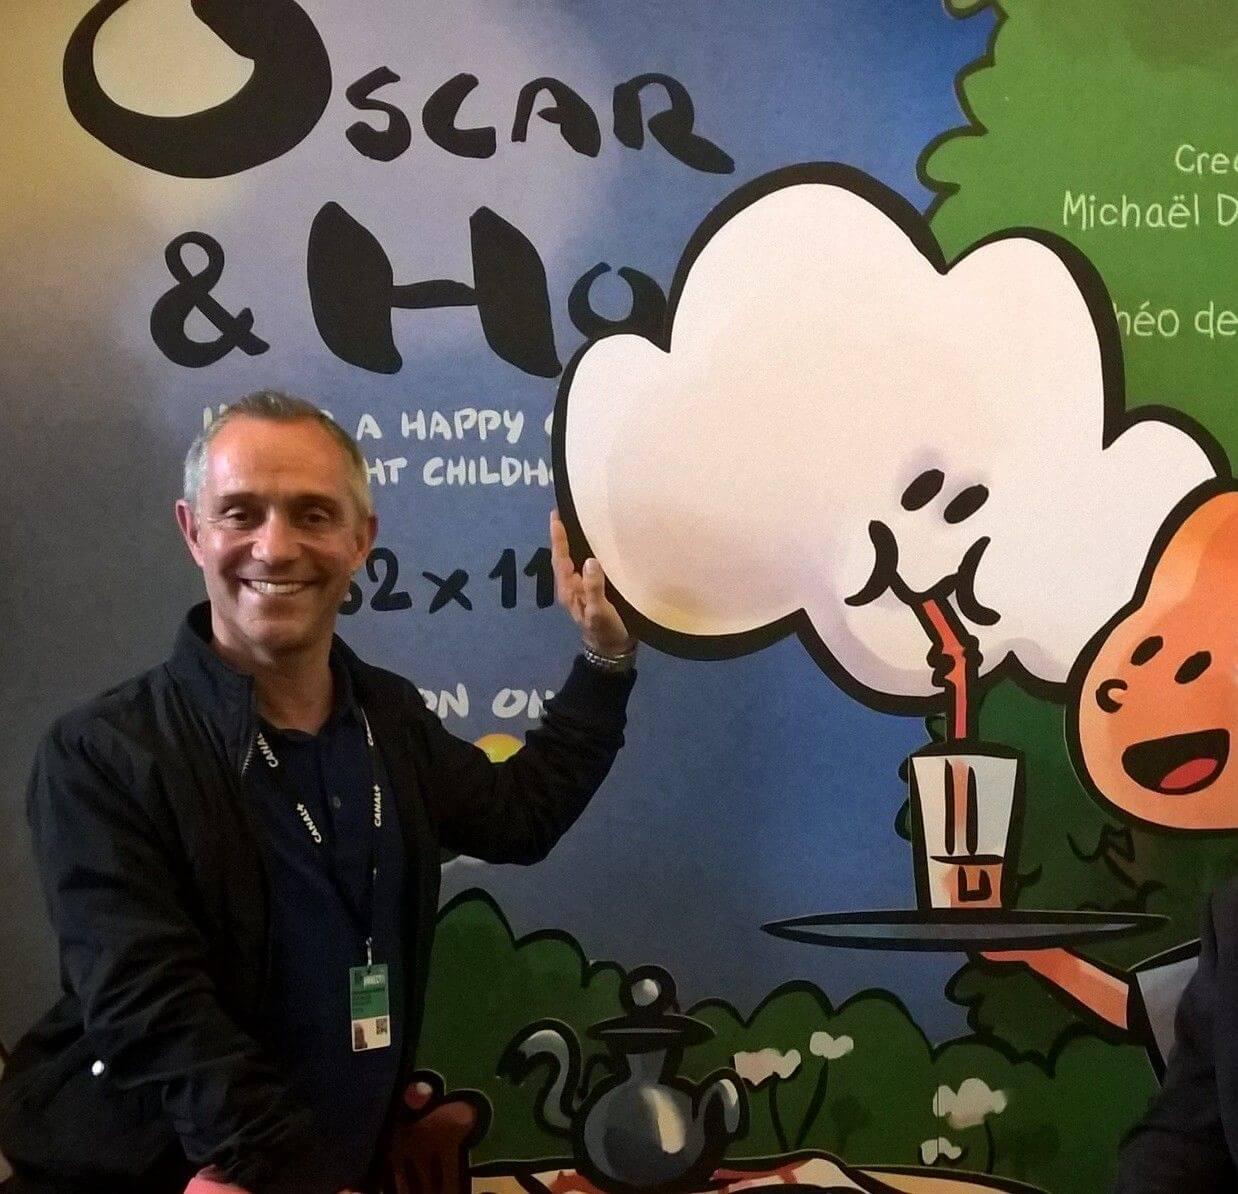 Christophe Erbes / Children's Media Consultant / France